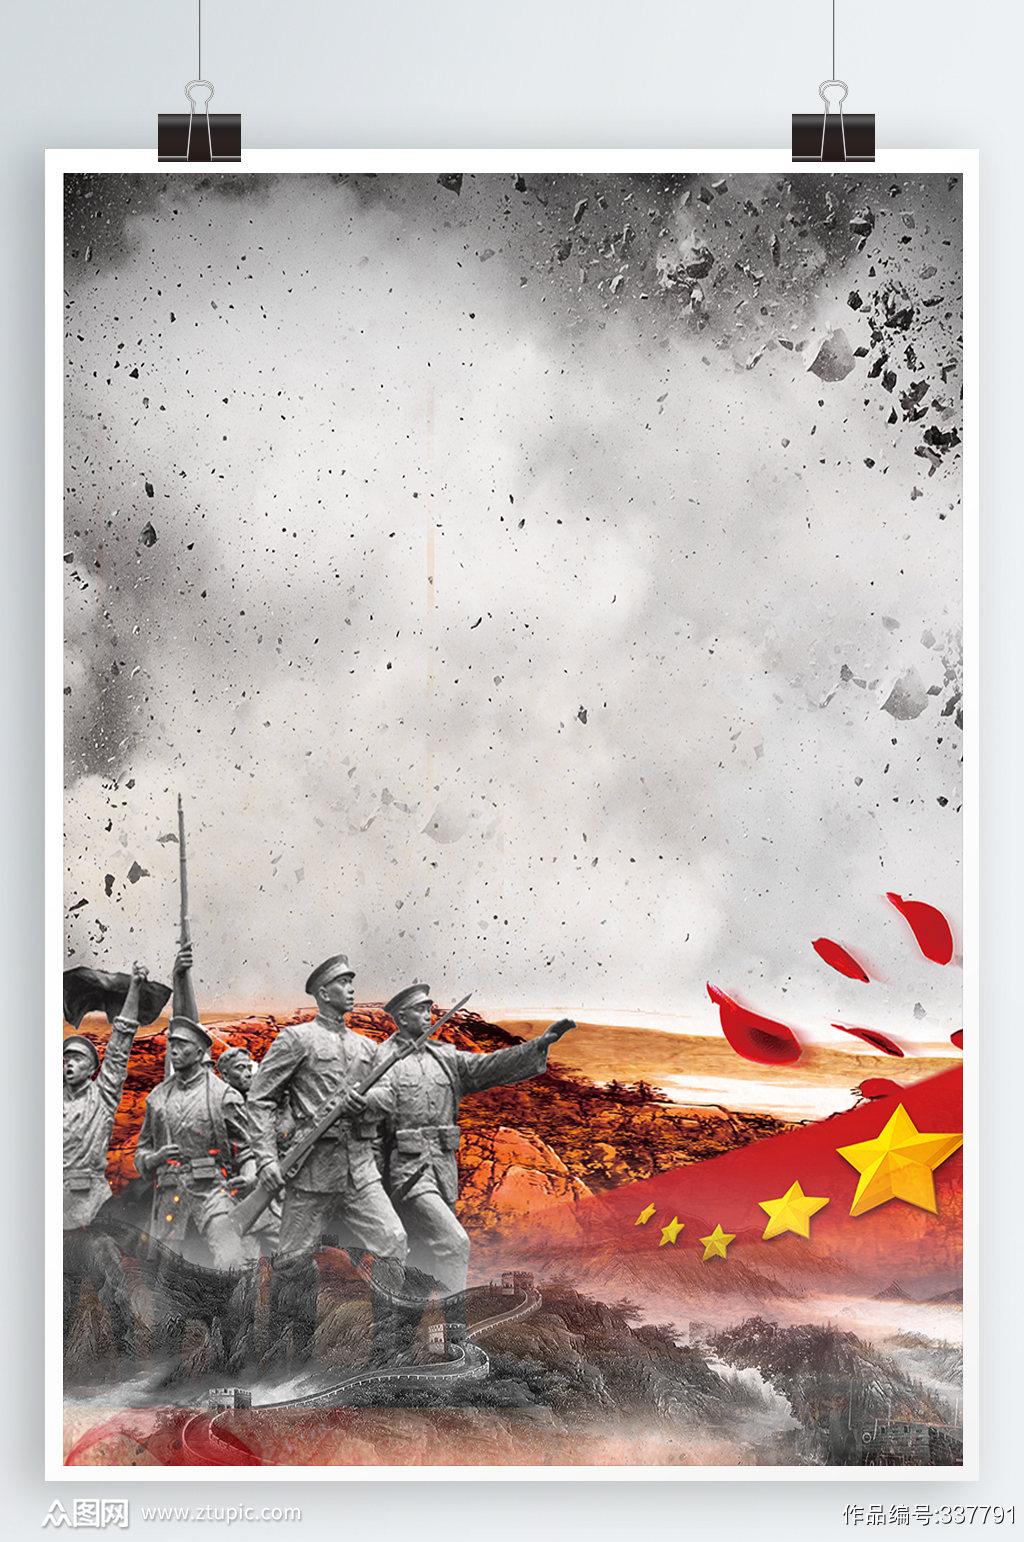 党建海报背景战争背景素材